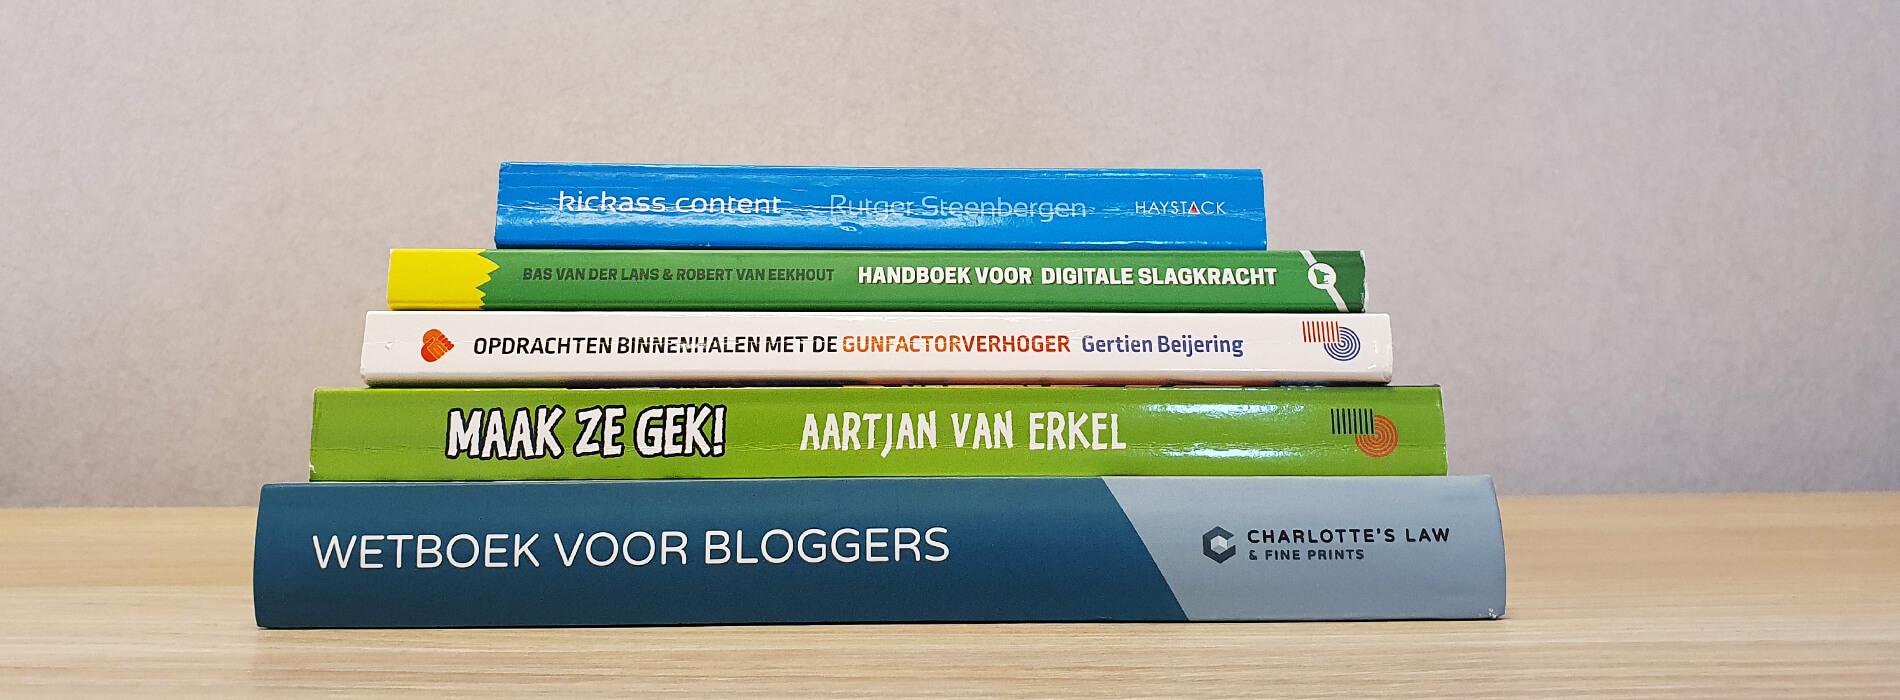 marketingboeken